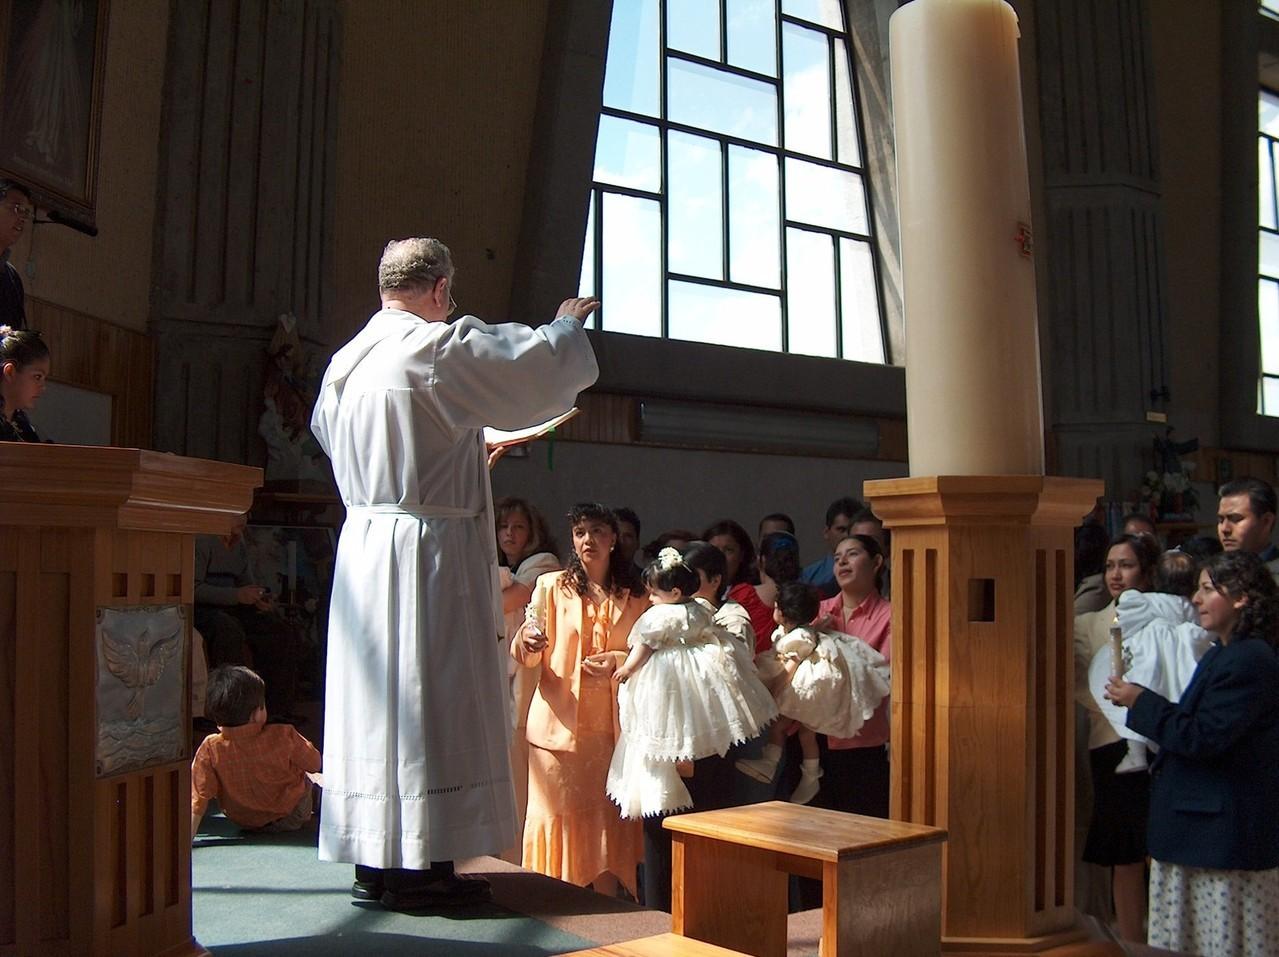 Kto może a kto nie może nosić alby liturgiczne?